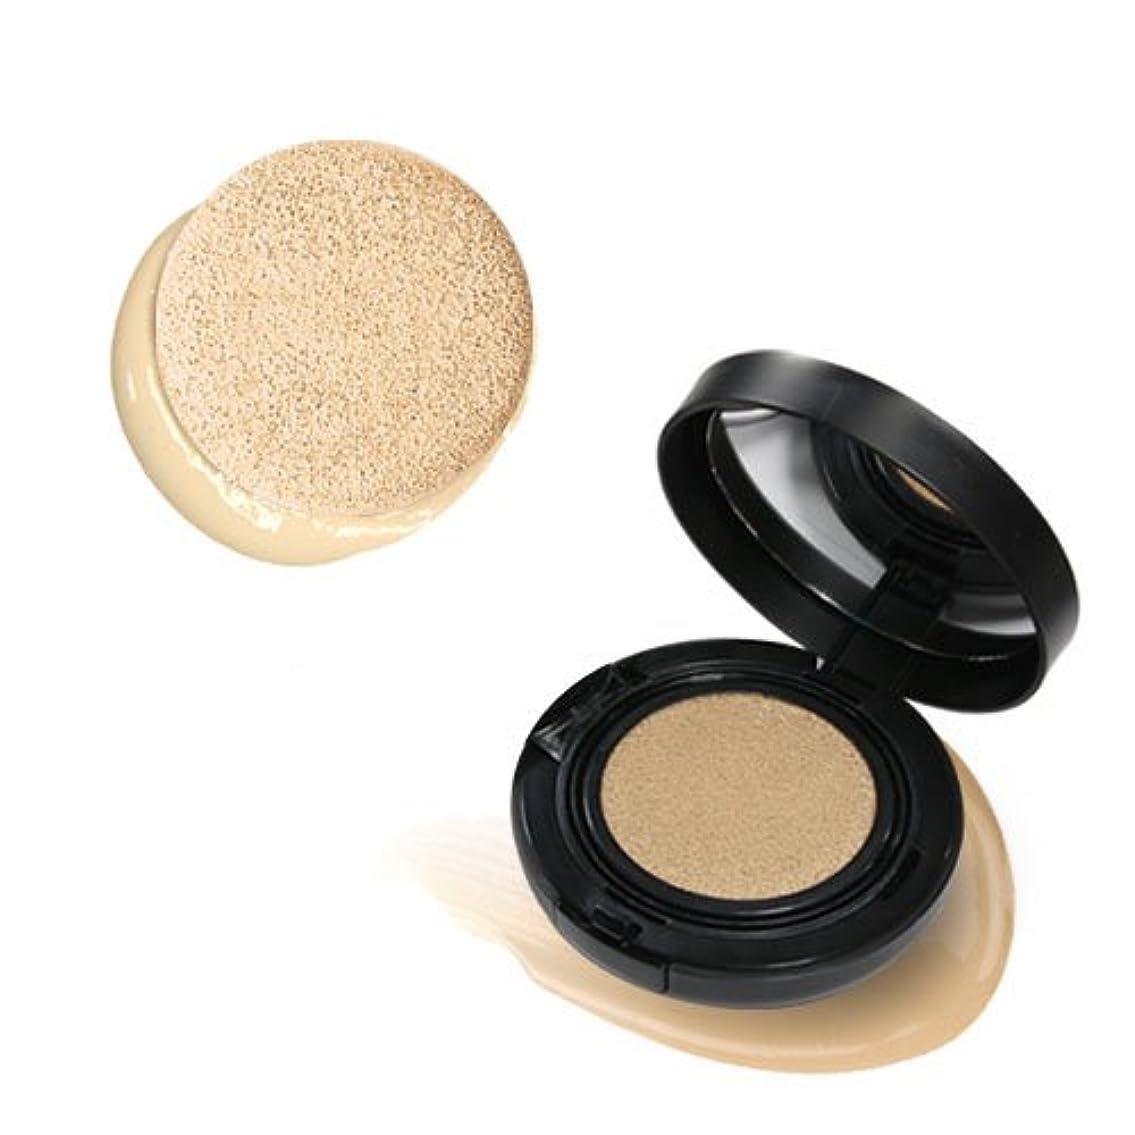 エープリル?スキン [韓国コスメ April Skin] マジック スノークッション (SPF50+,PA+++) No.21 Light beige [海外直送品][並行輸入品]